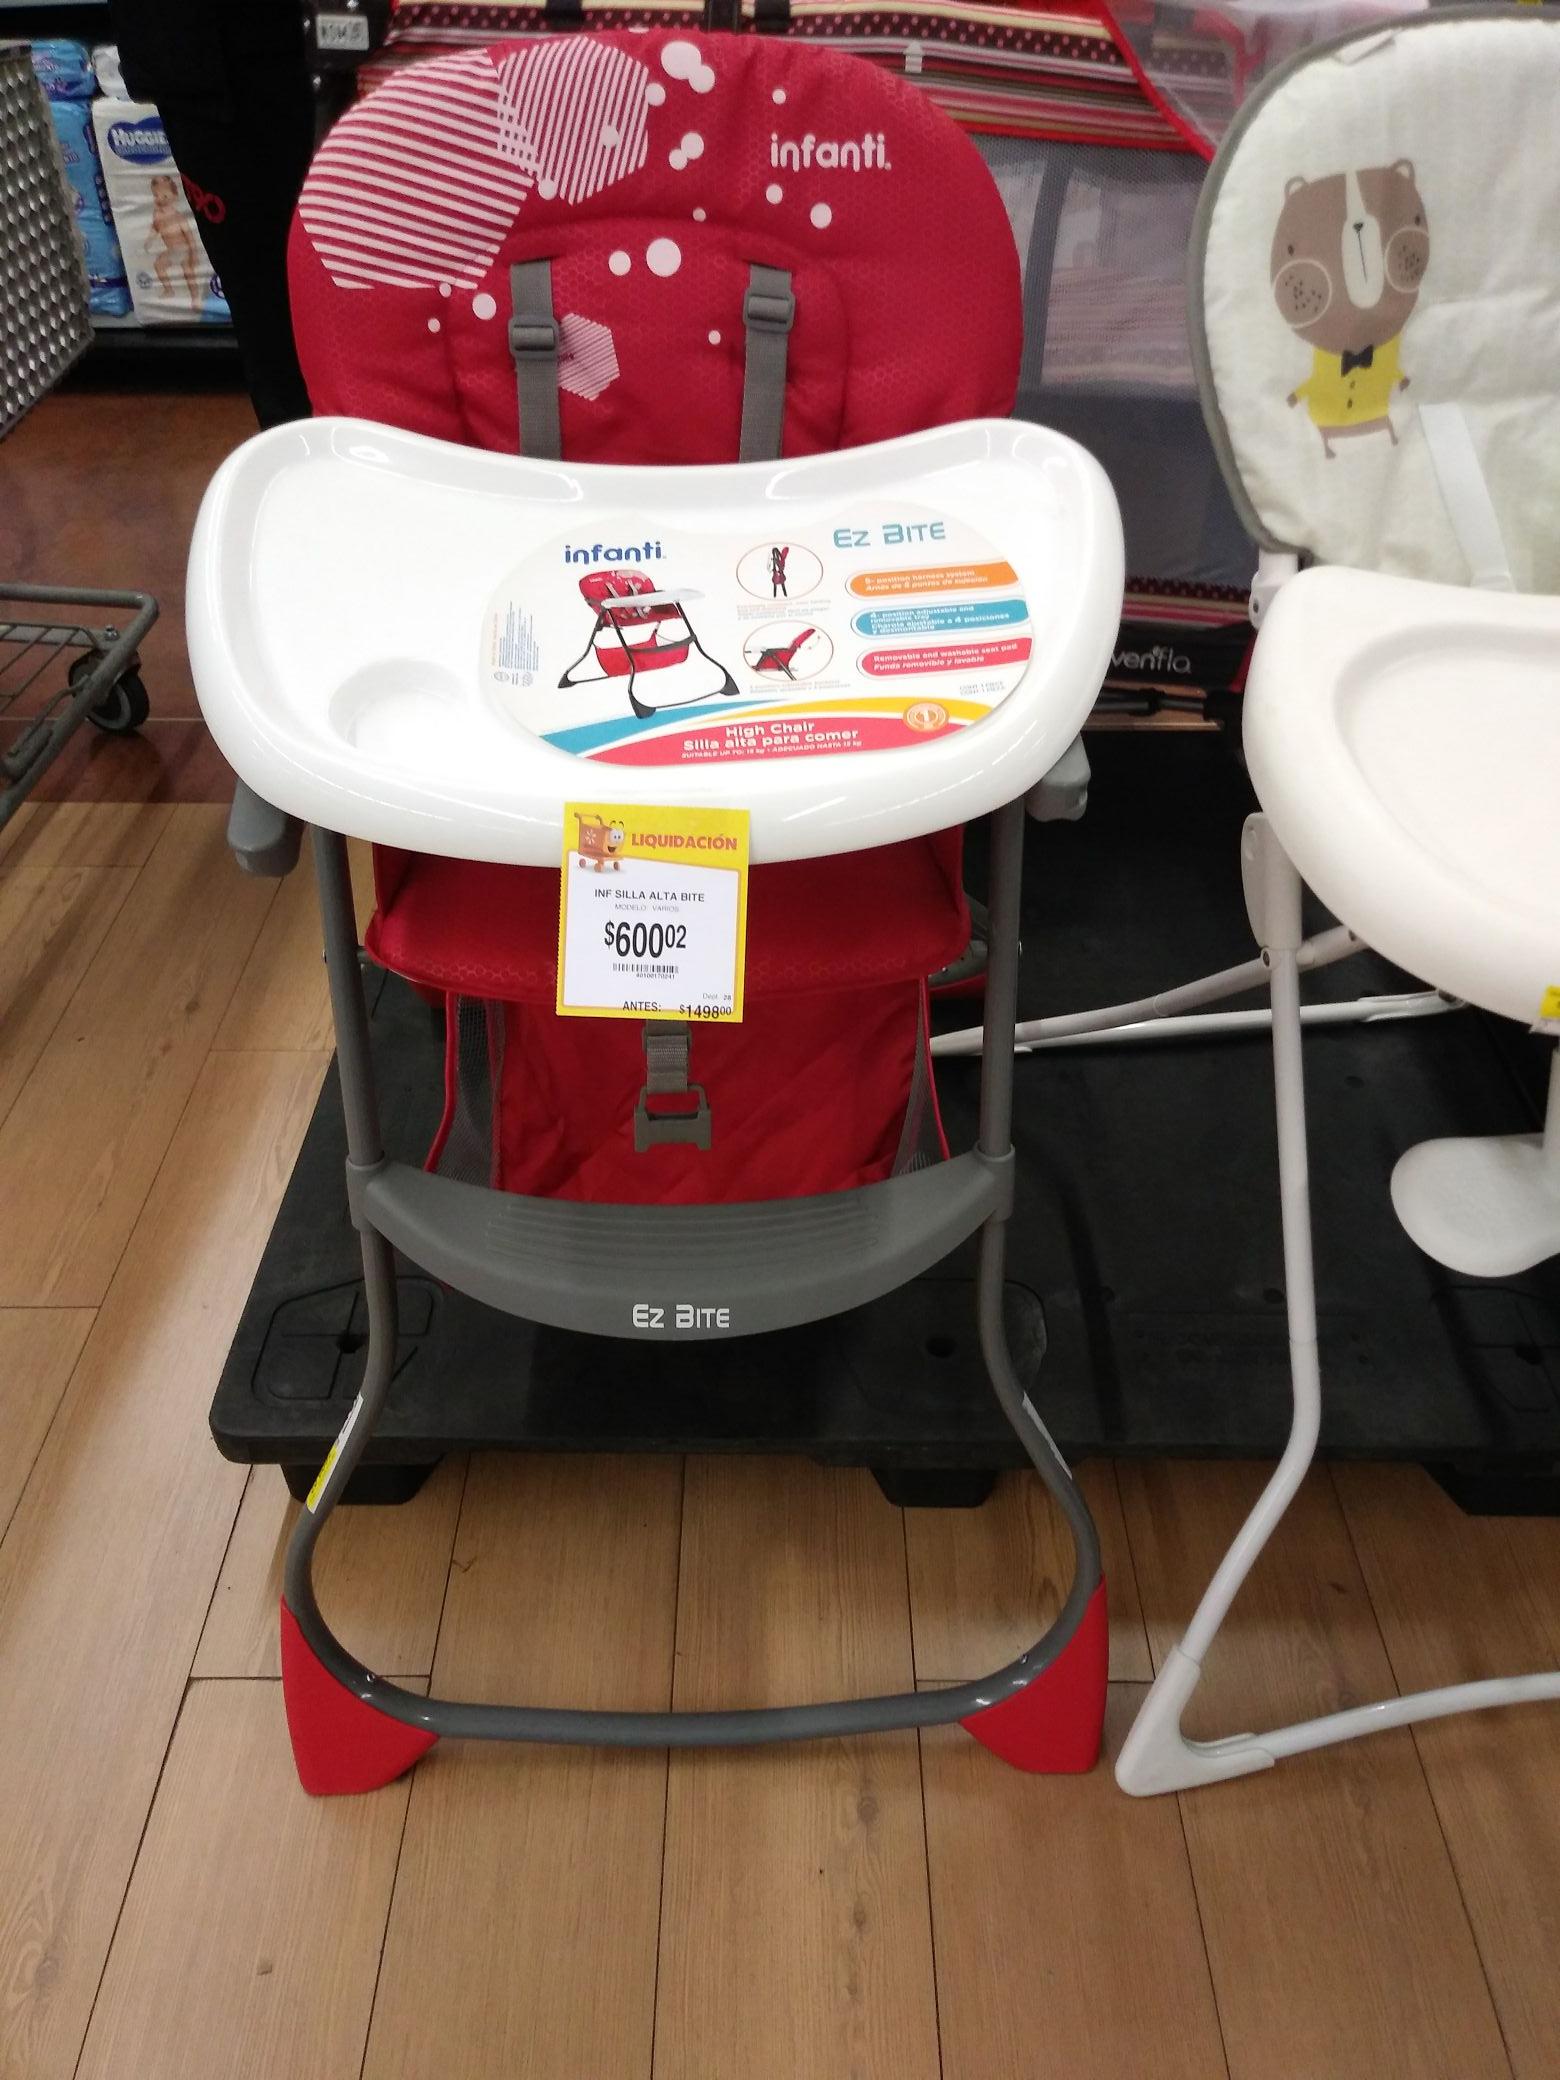 Walmart patio santa fe cdmx:  liquidación silla alta 600.02, carriola 800.02 y paquete vanish 50.03